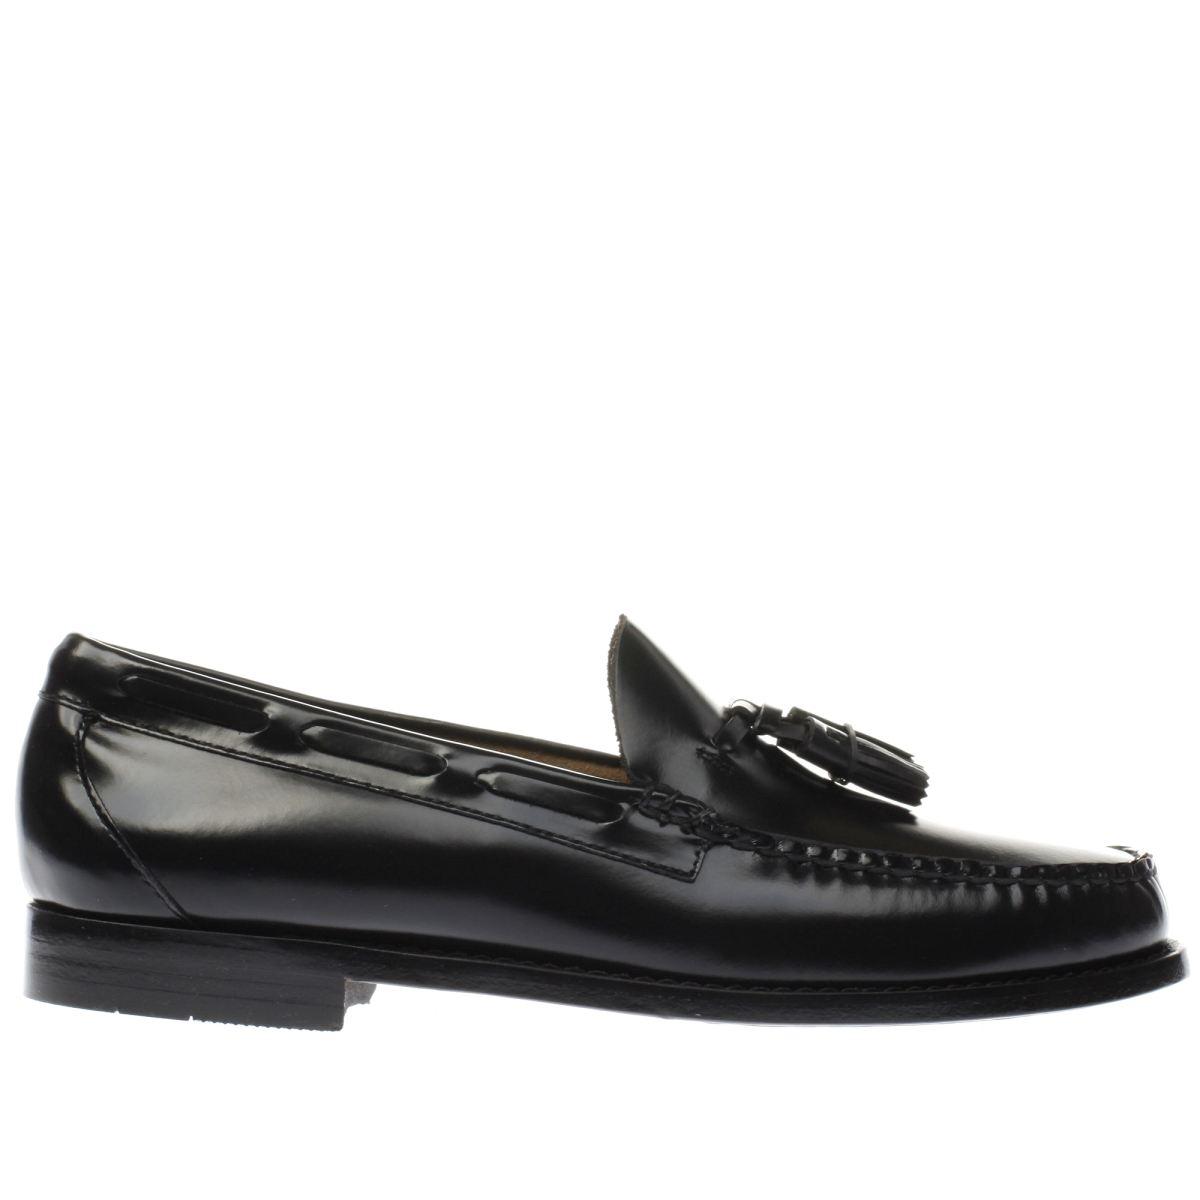 bass Bass Black Larkin Moccasin Tassle Shoes